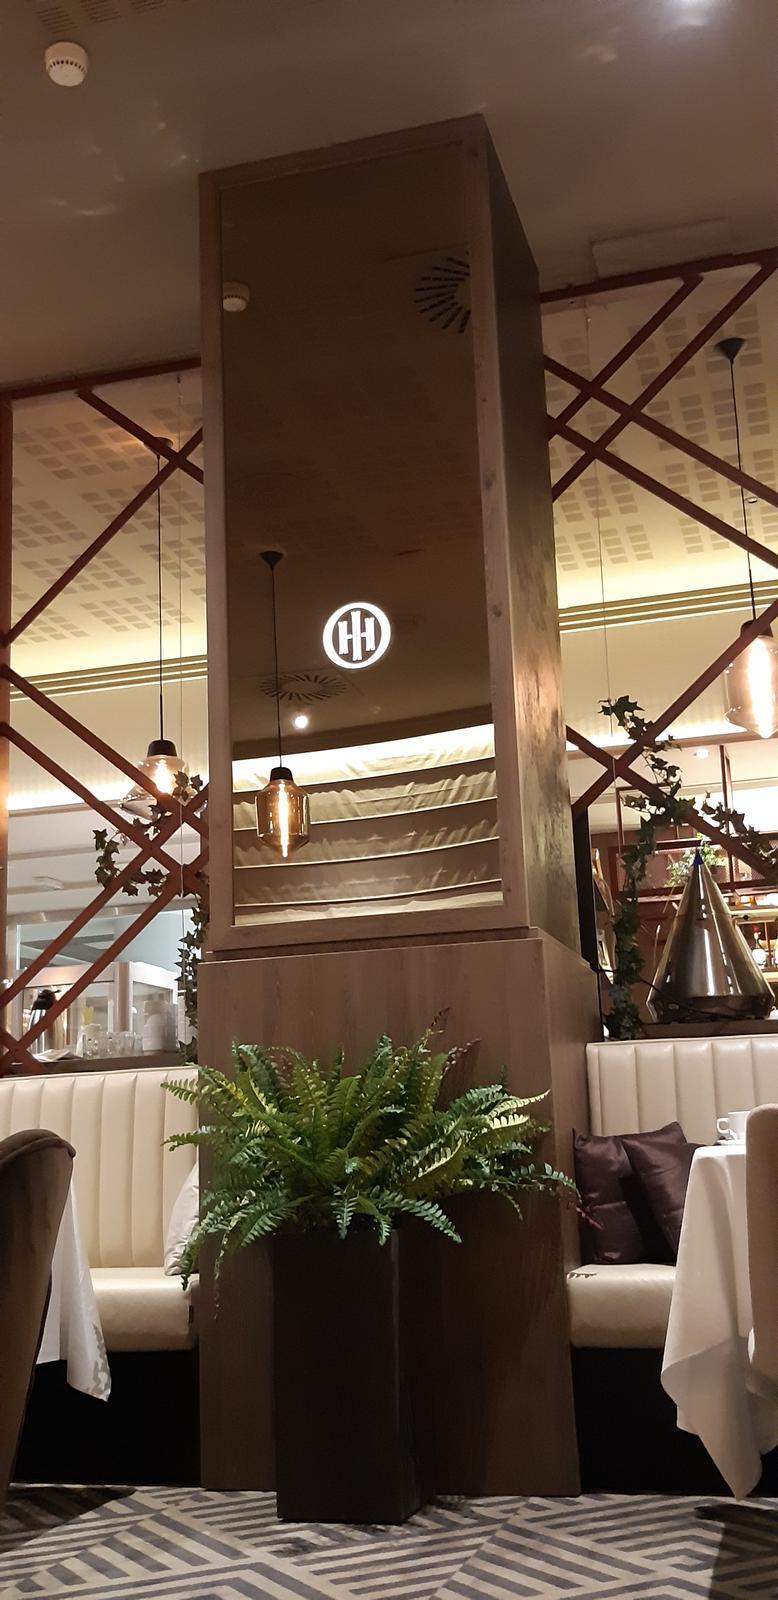 Komerčné priesotry - Hotel Imperial Ostrava - obloženie stlpa s podsvieteným logom